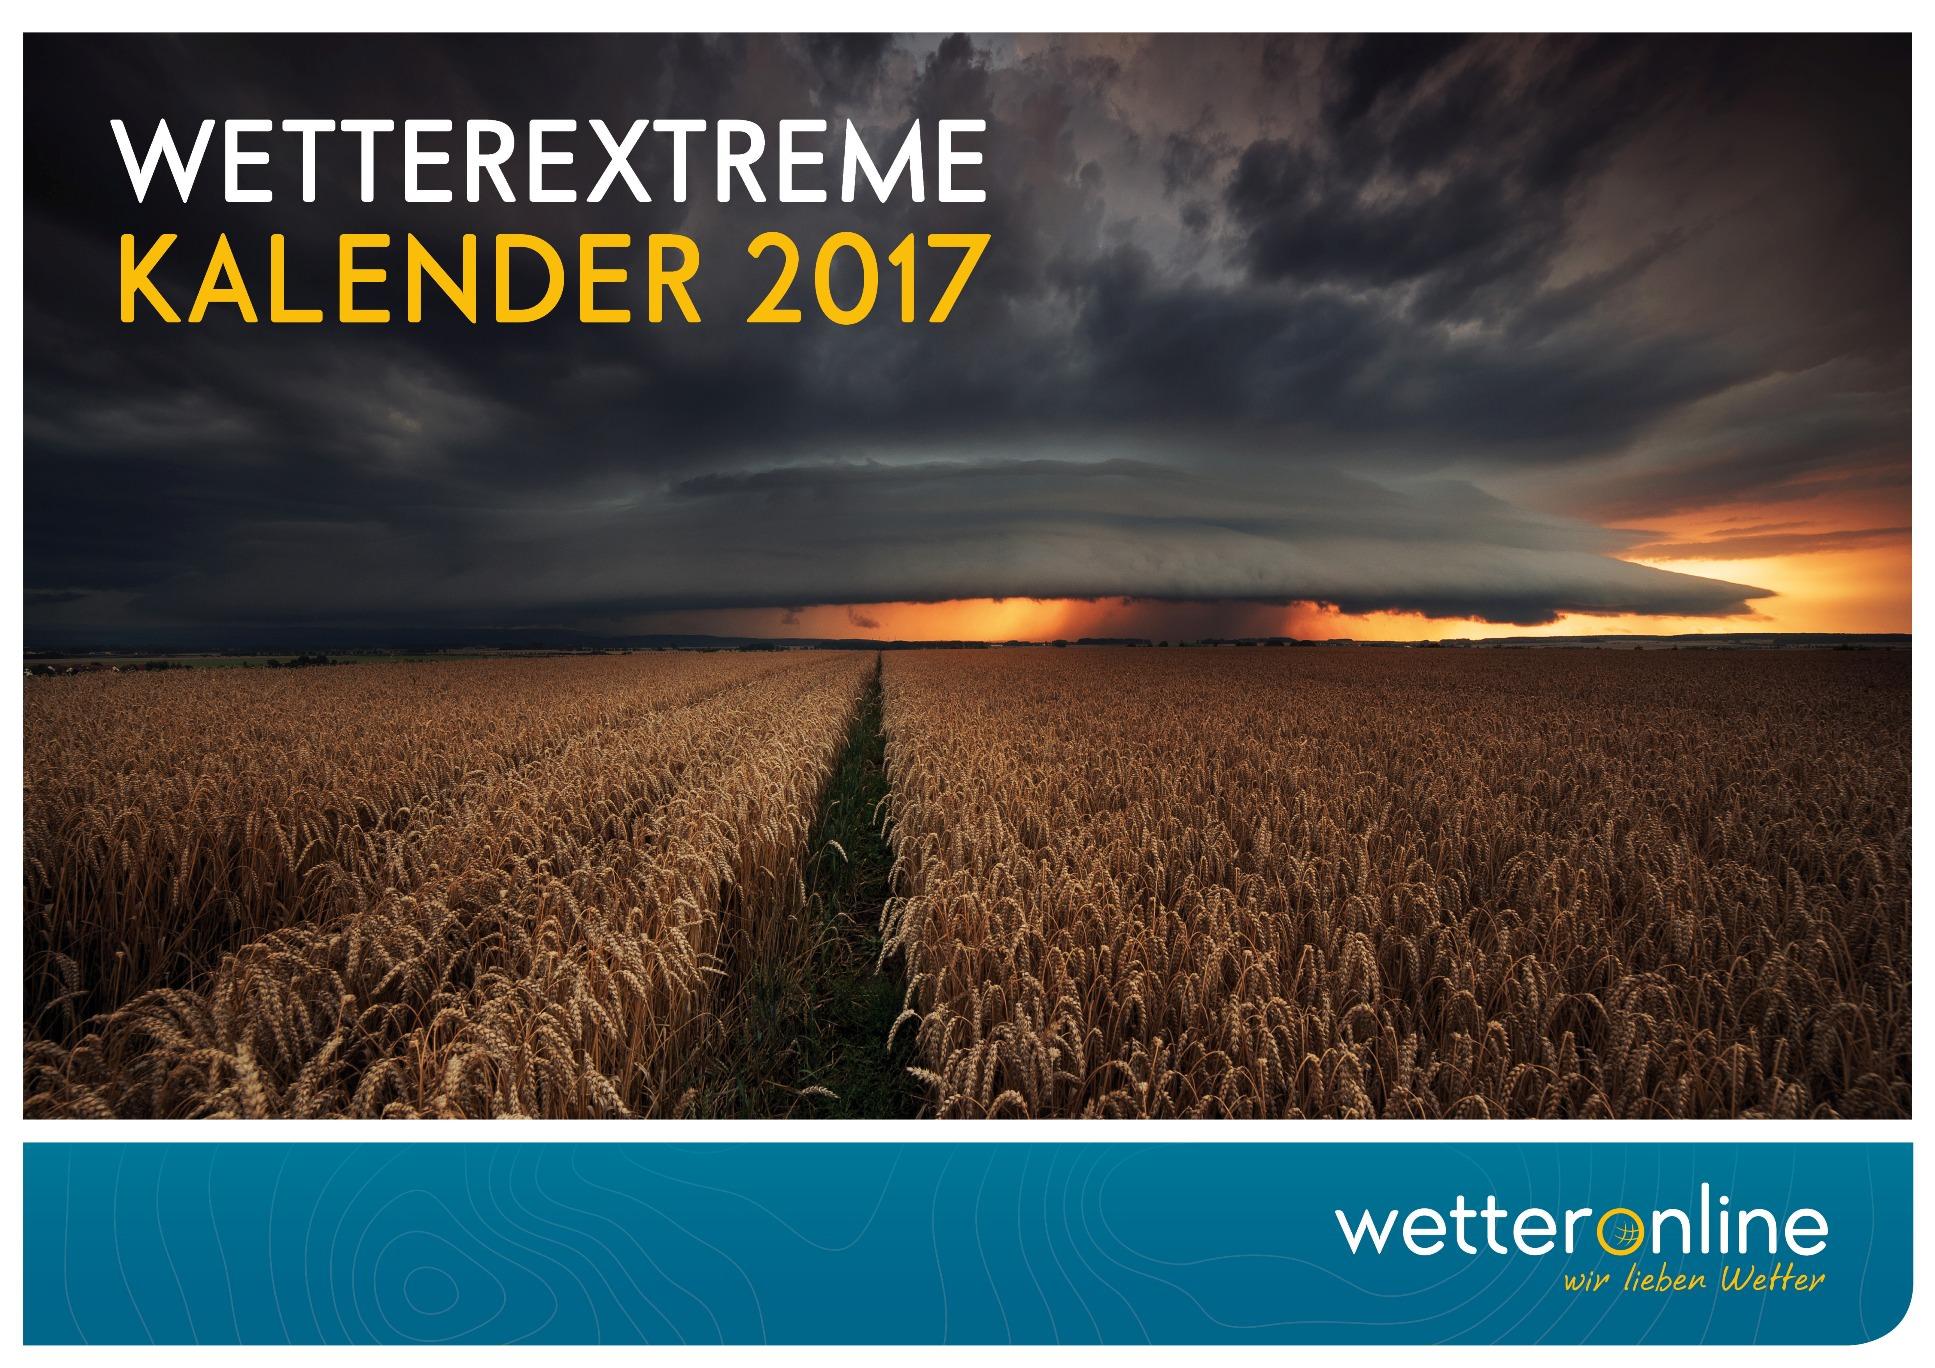 Der WetterOnline Kalender Wetterextreme 2017